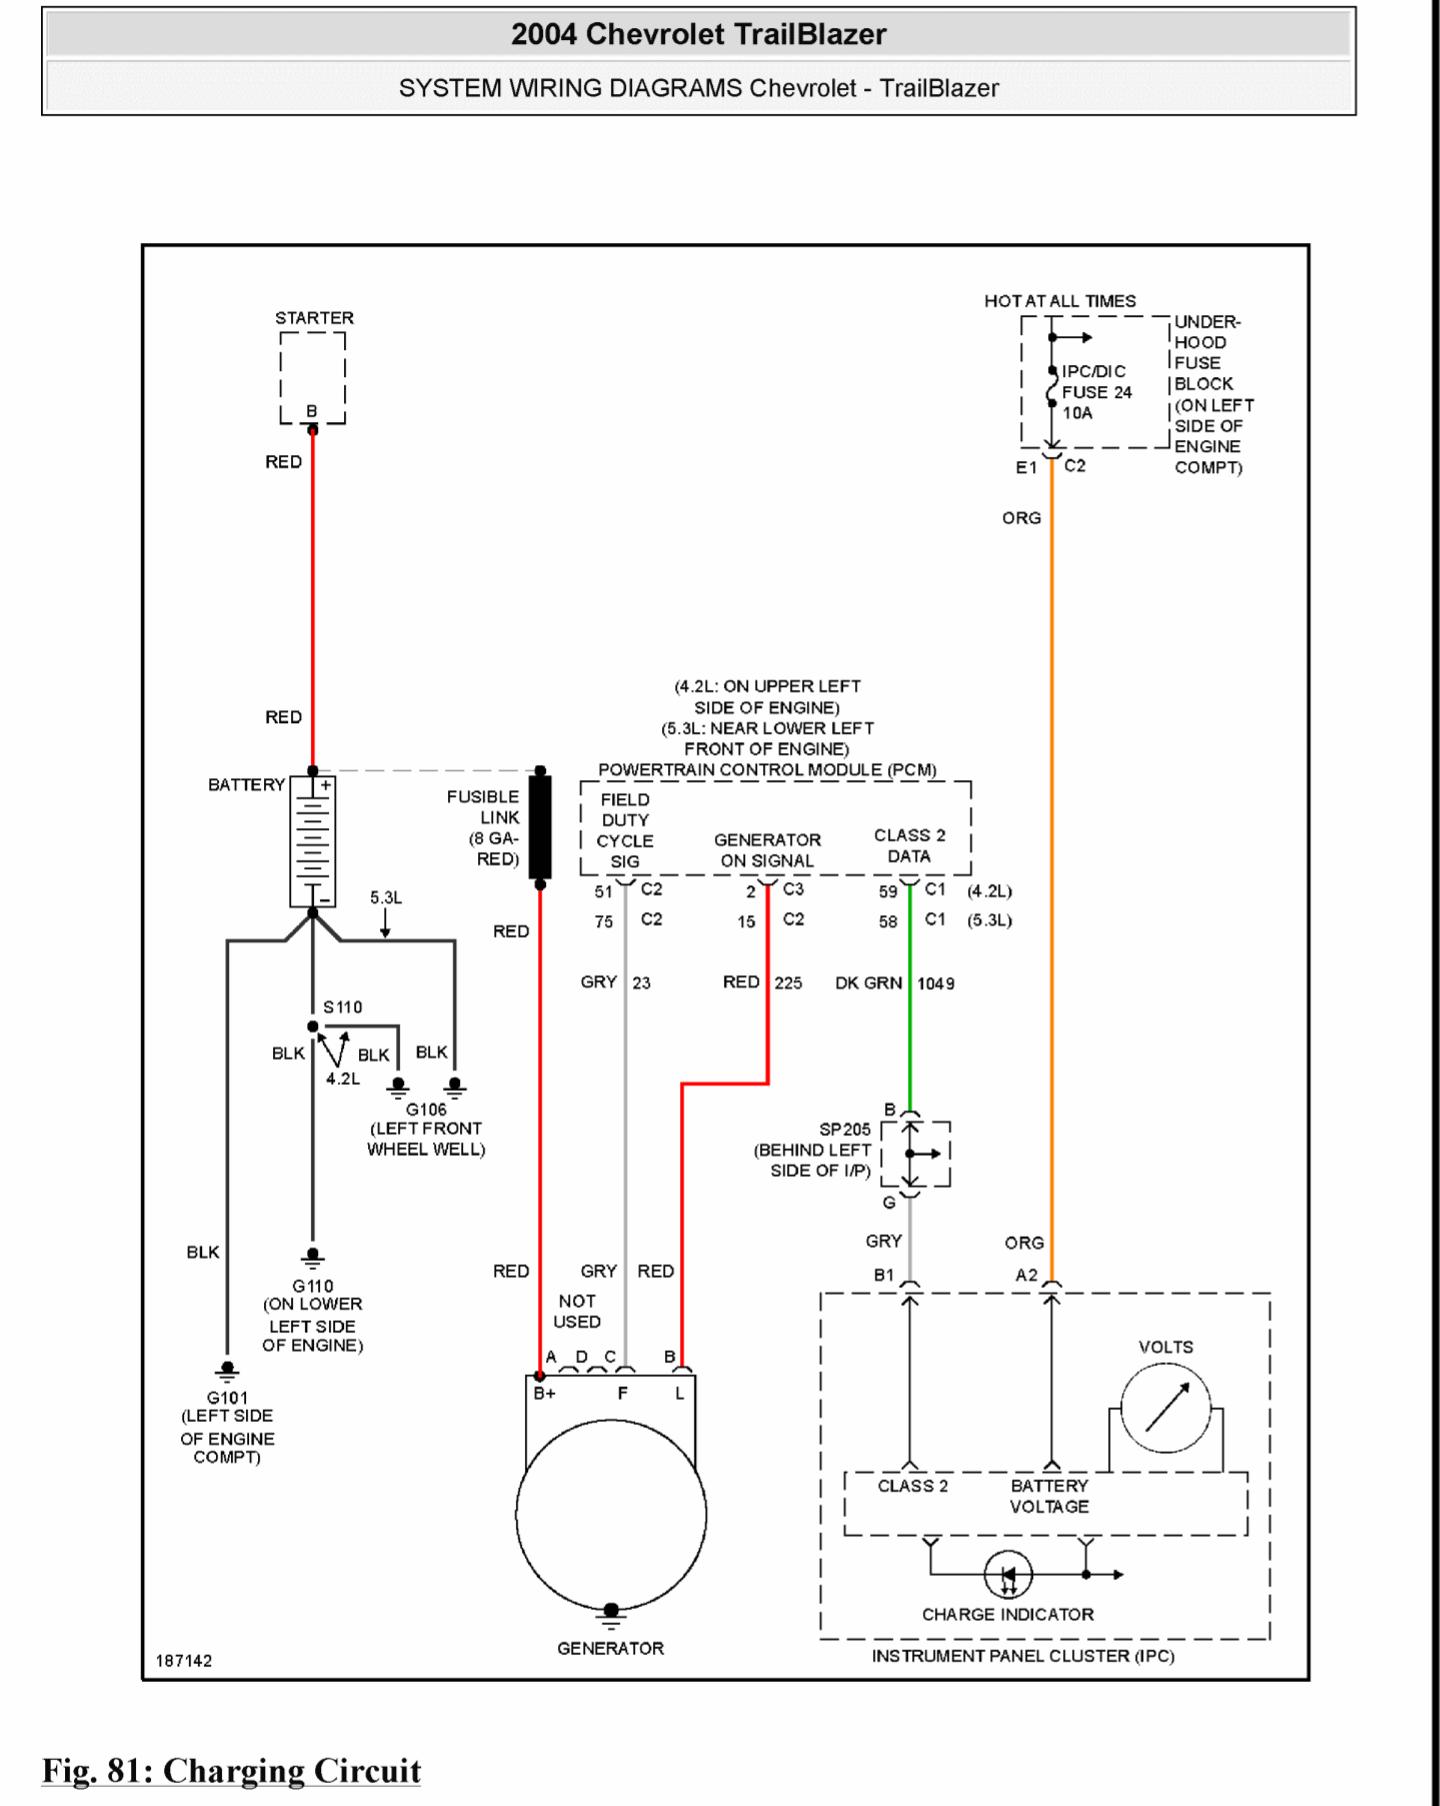 05 trailblazer low voltage from the alternator | chevy trailblazer,  trailblazer ss and gmc envoy forum  chevy trailblazer, trailblazer ss and gmc envoy forum